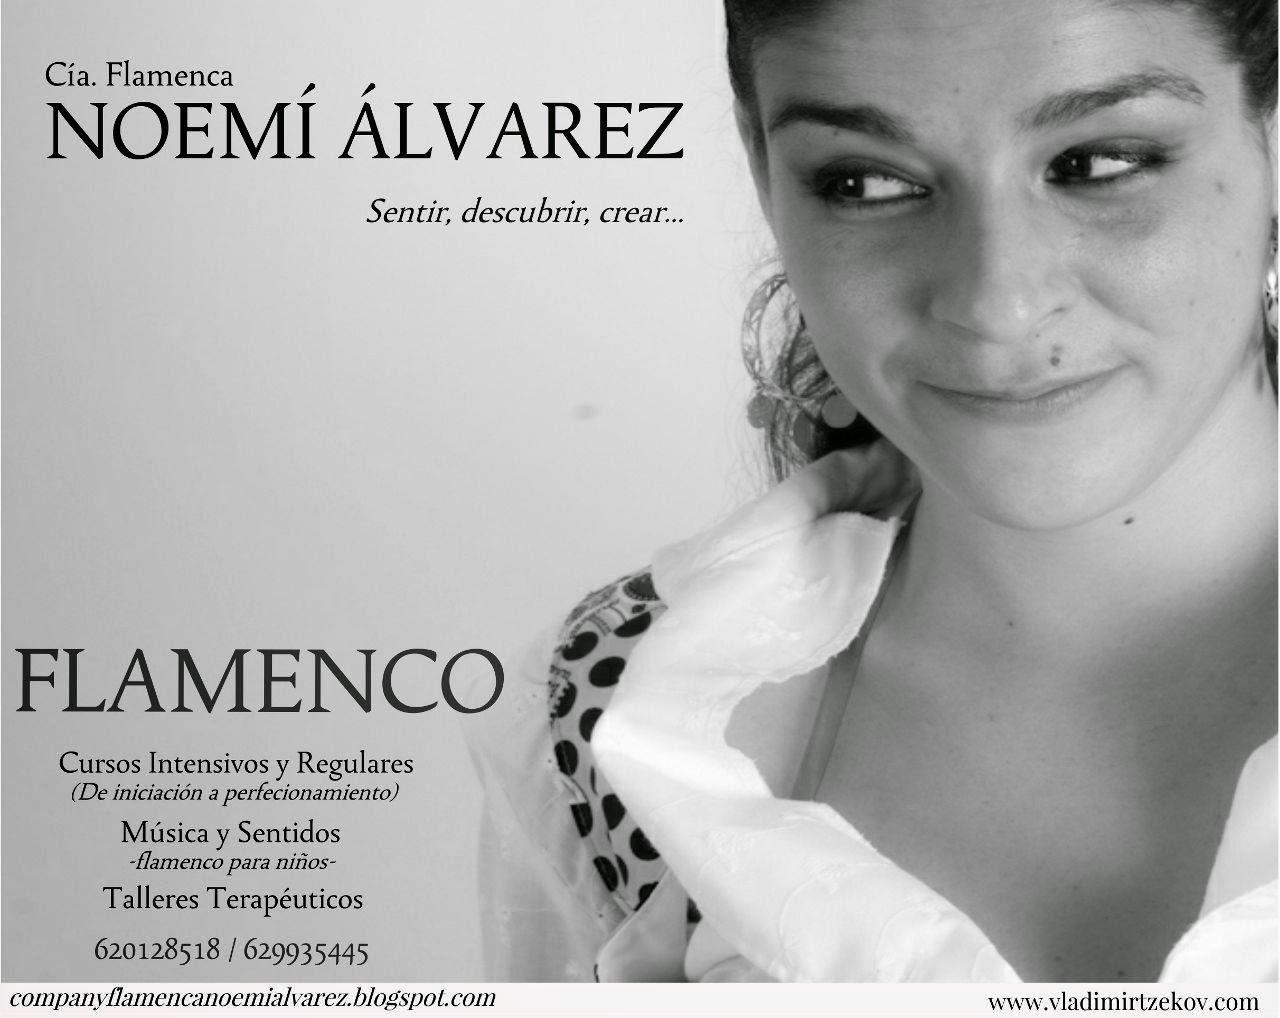 Cía. Flamenca Noemí Álvarez